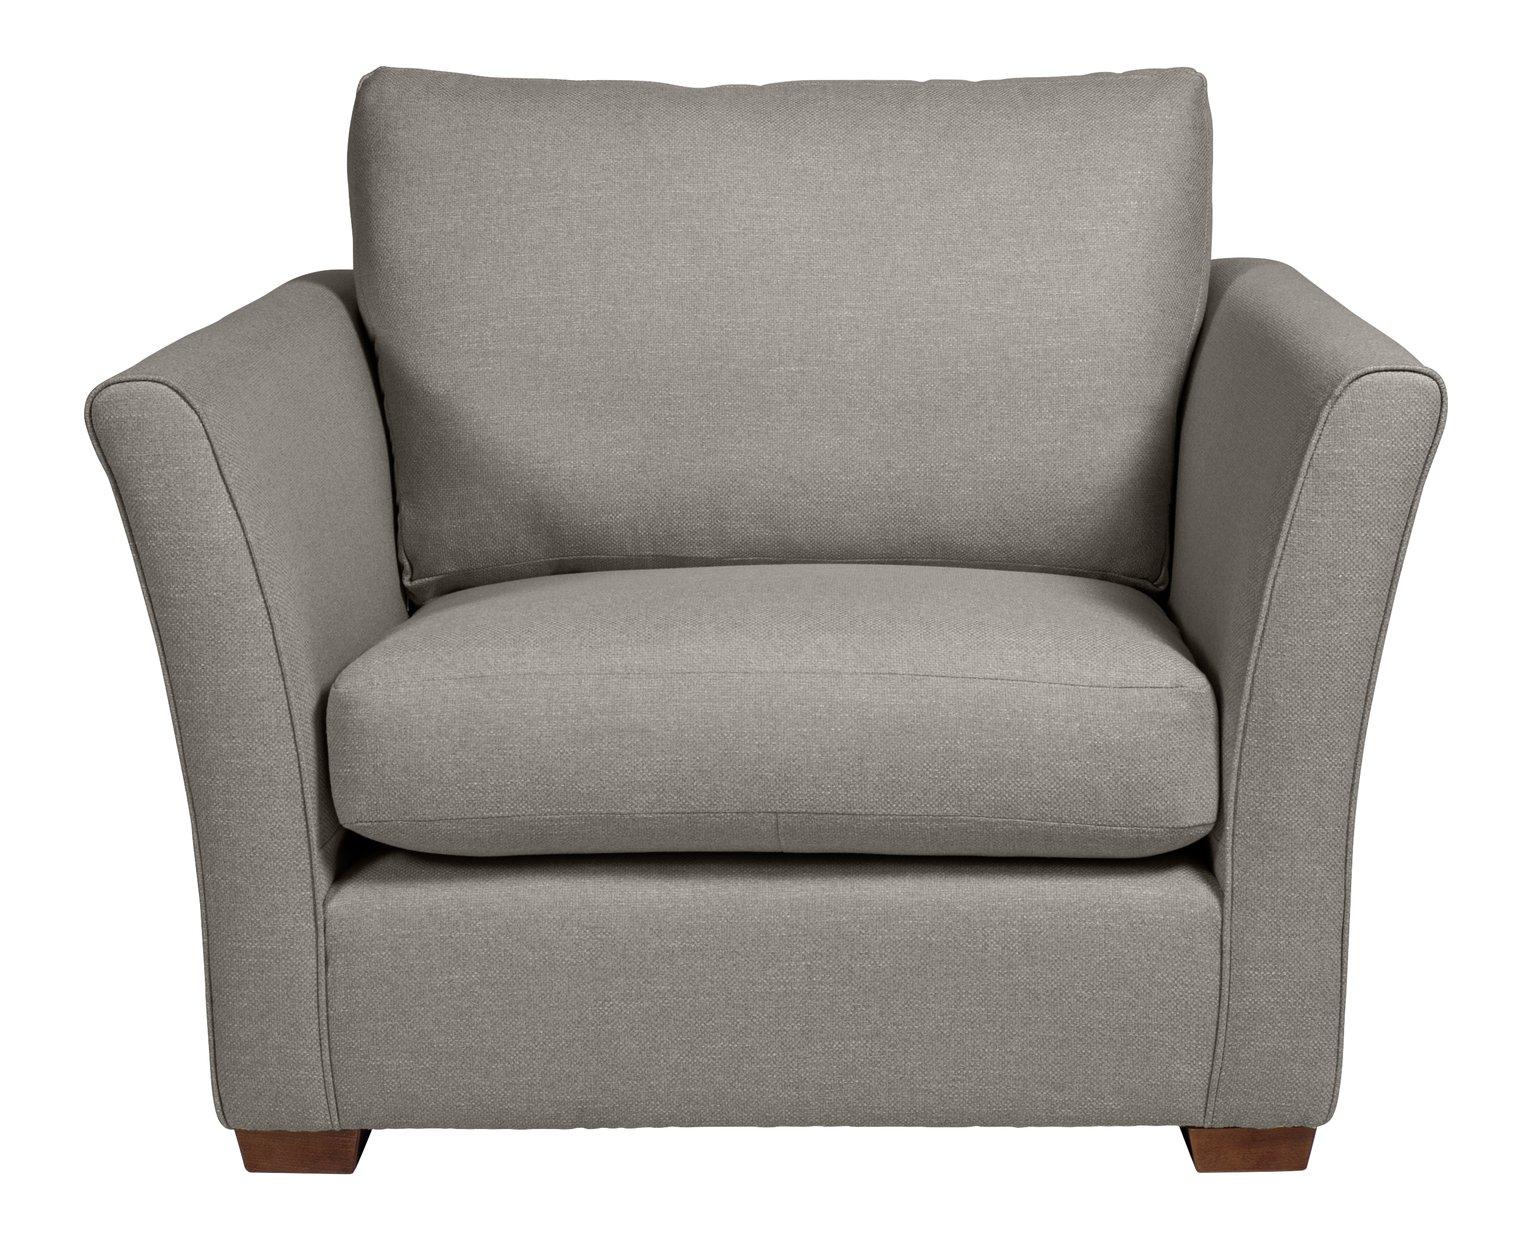 Argos Home Dawson Fabric Cuddle Chair - Grey